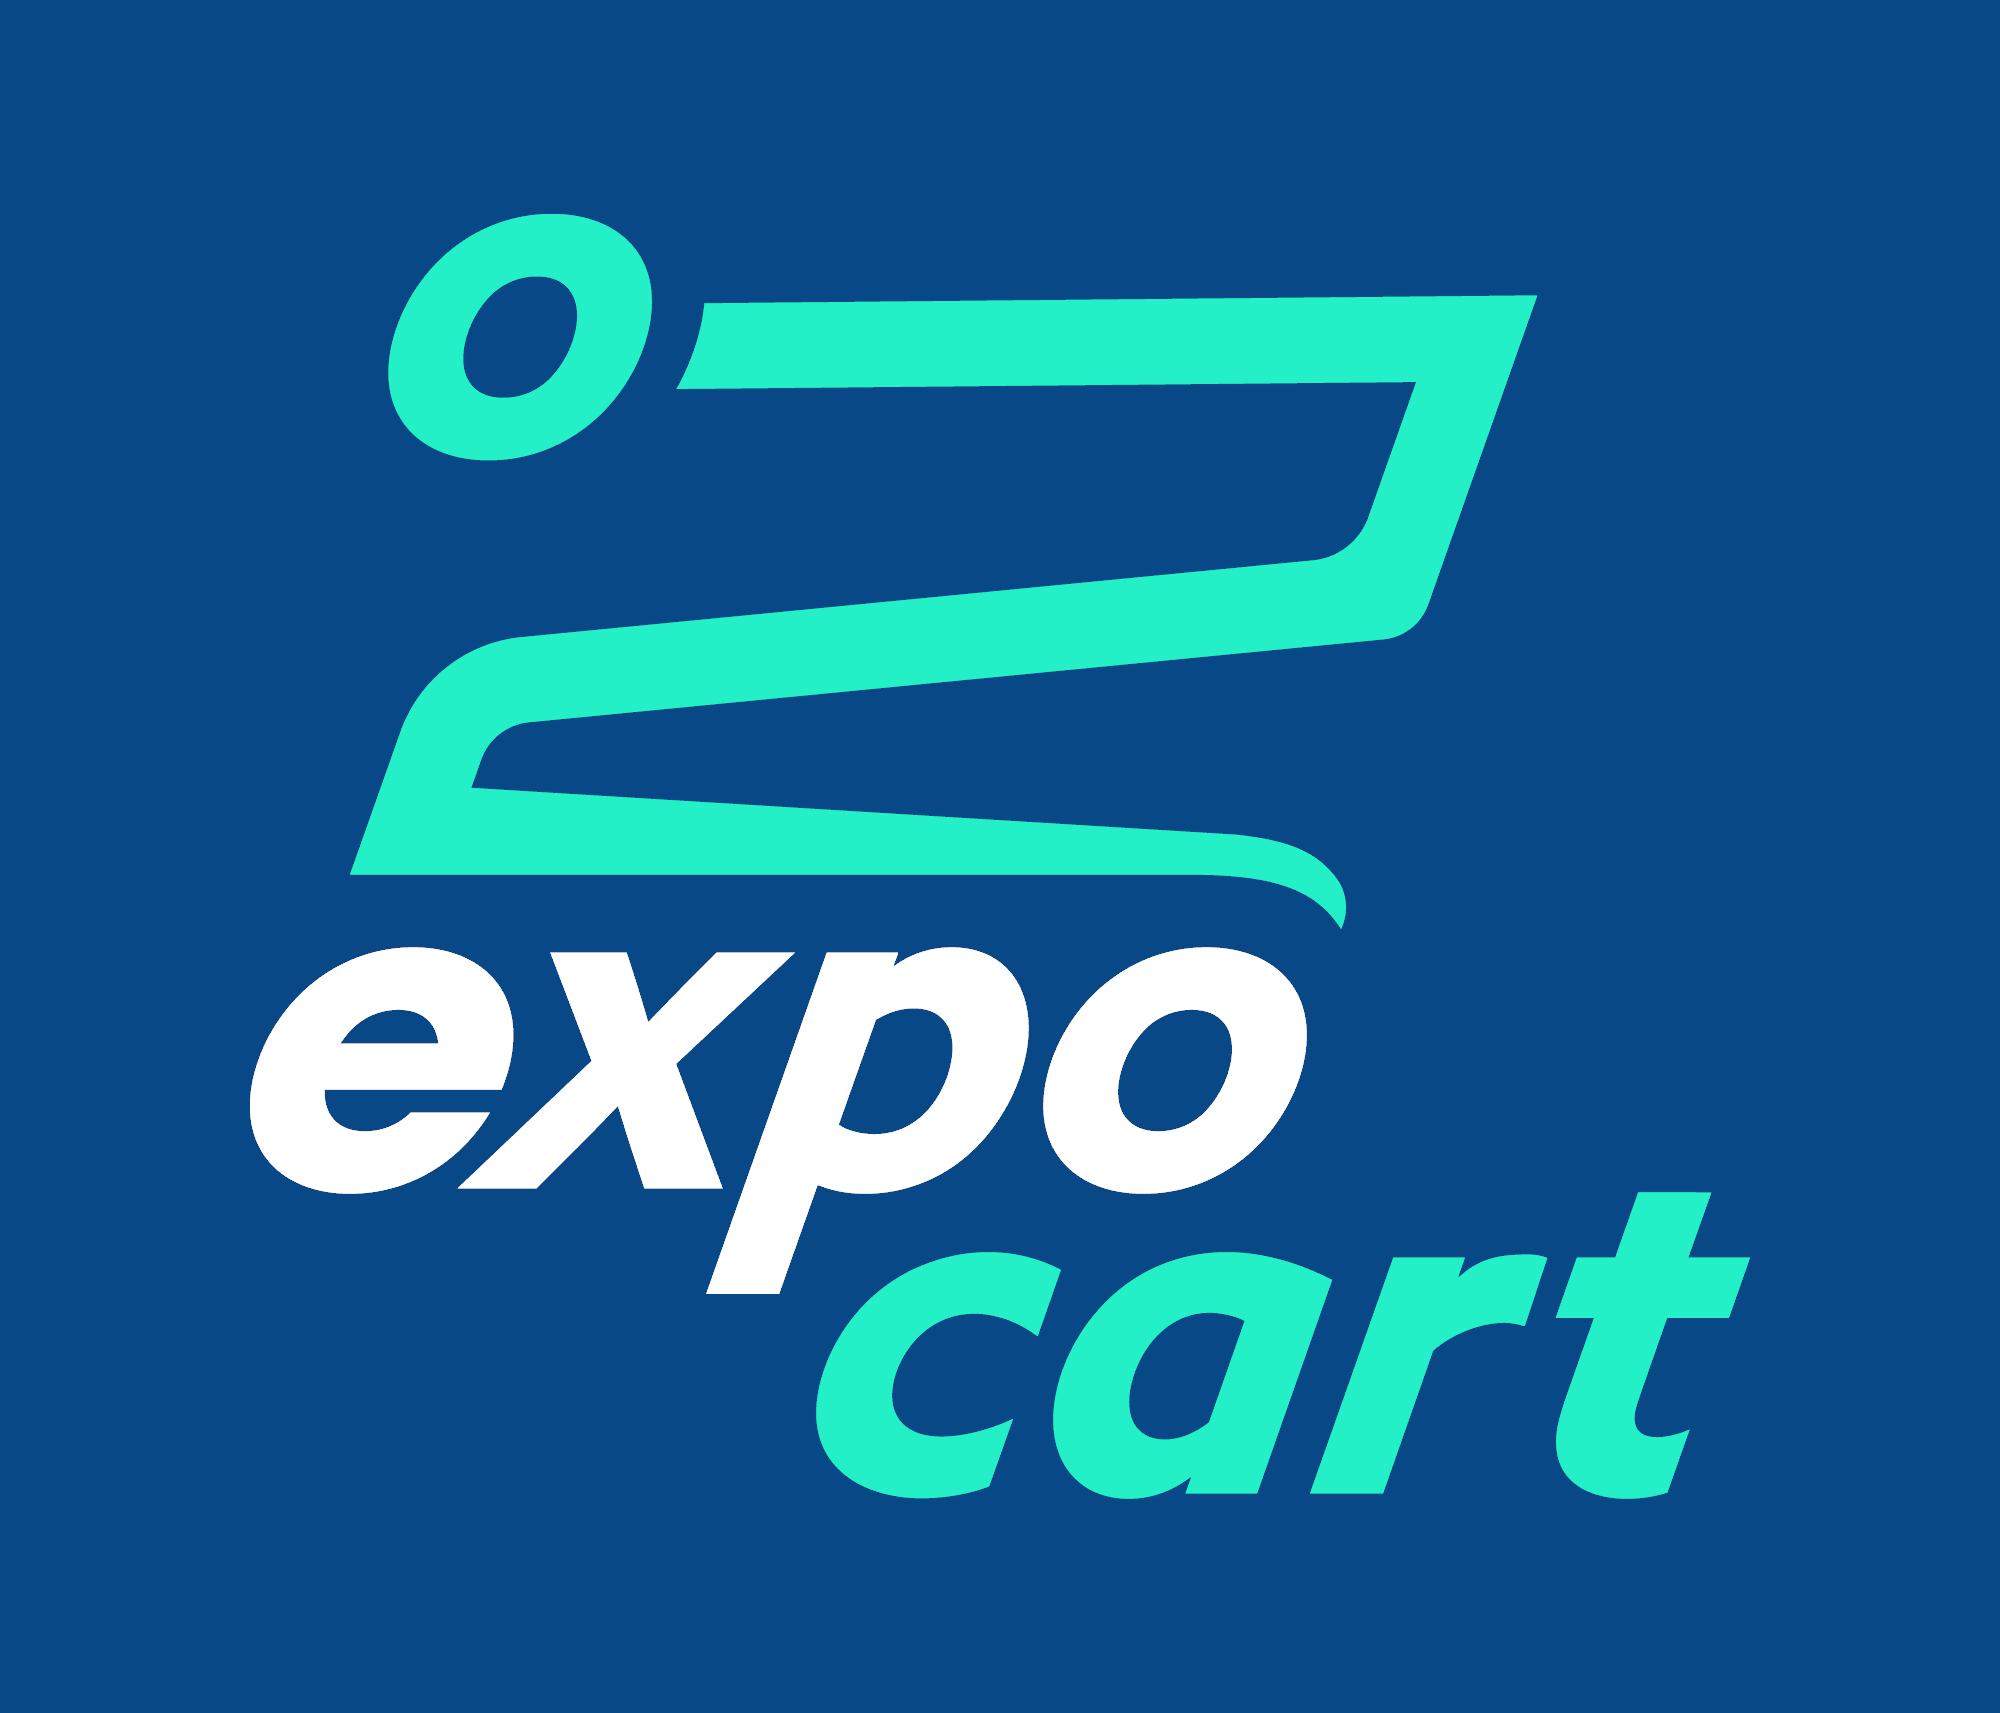 Expocart